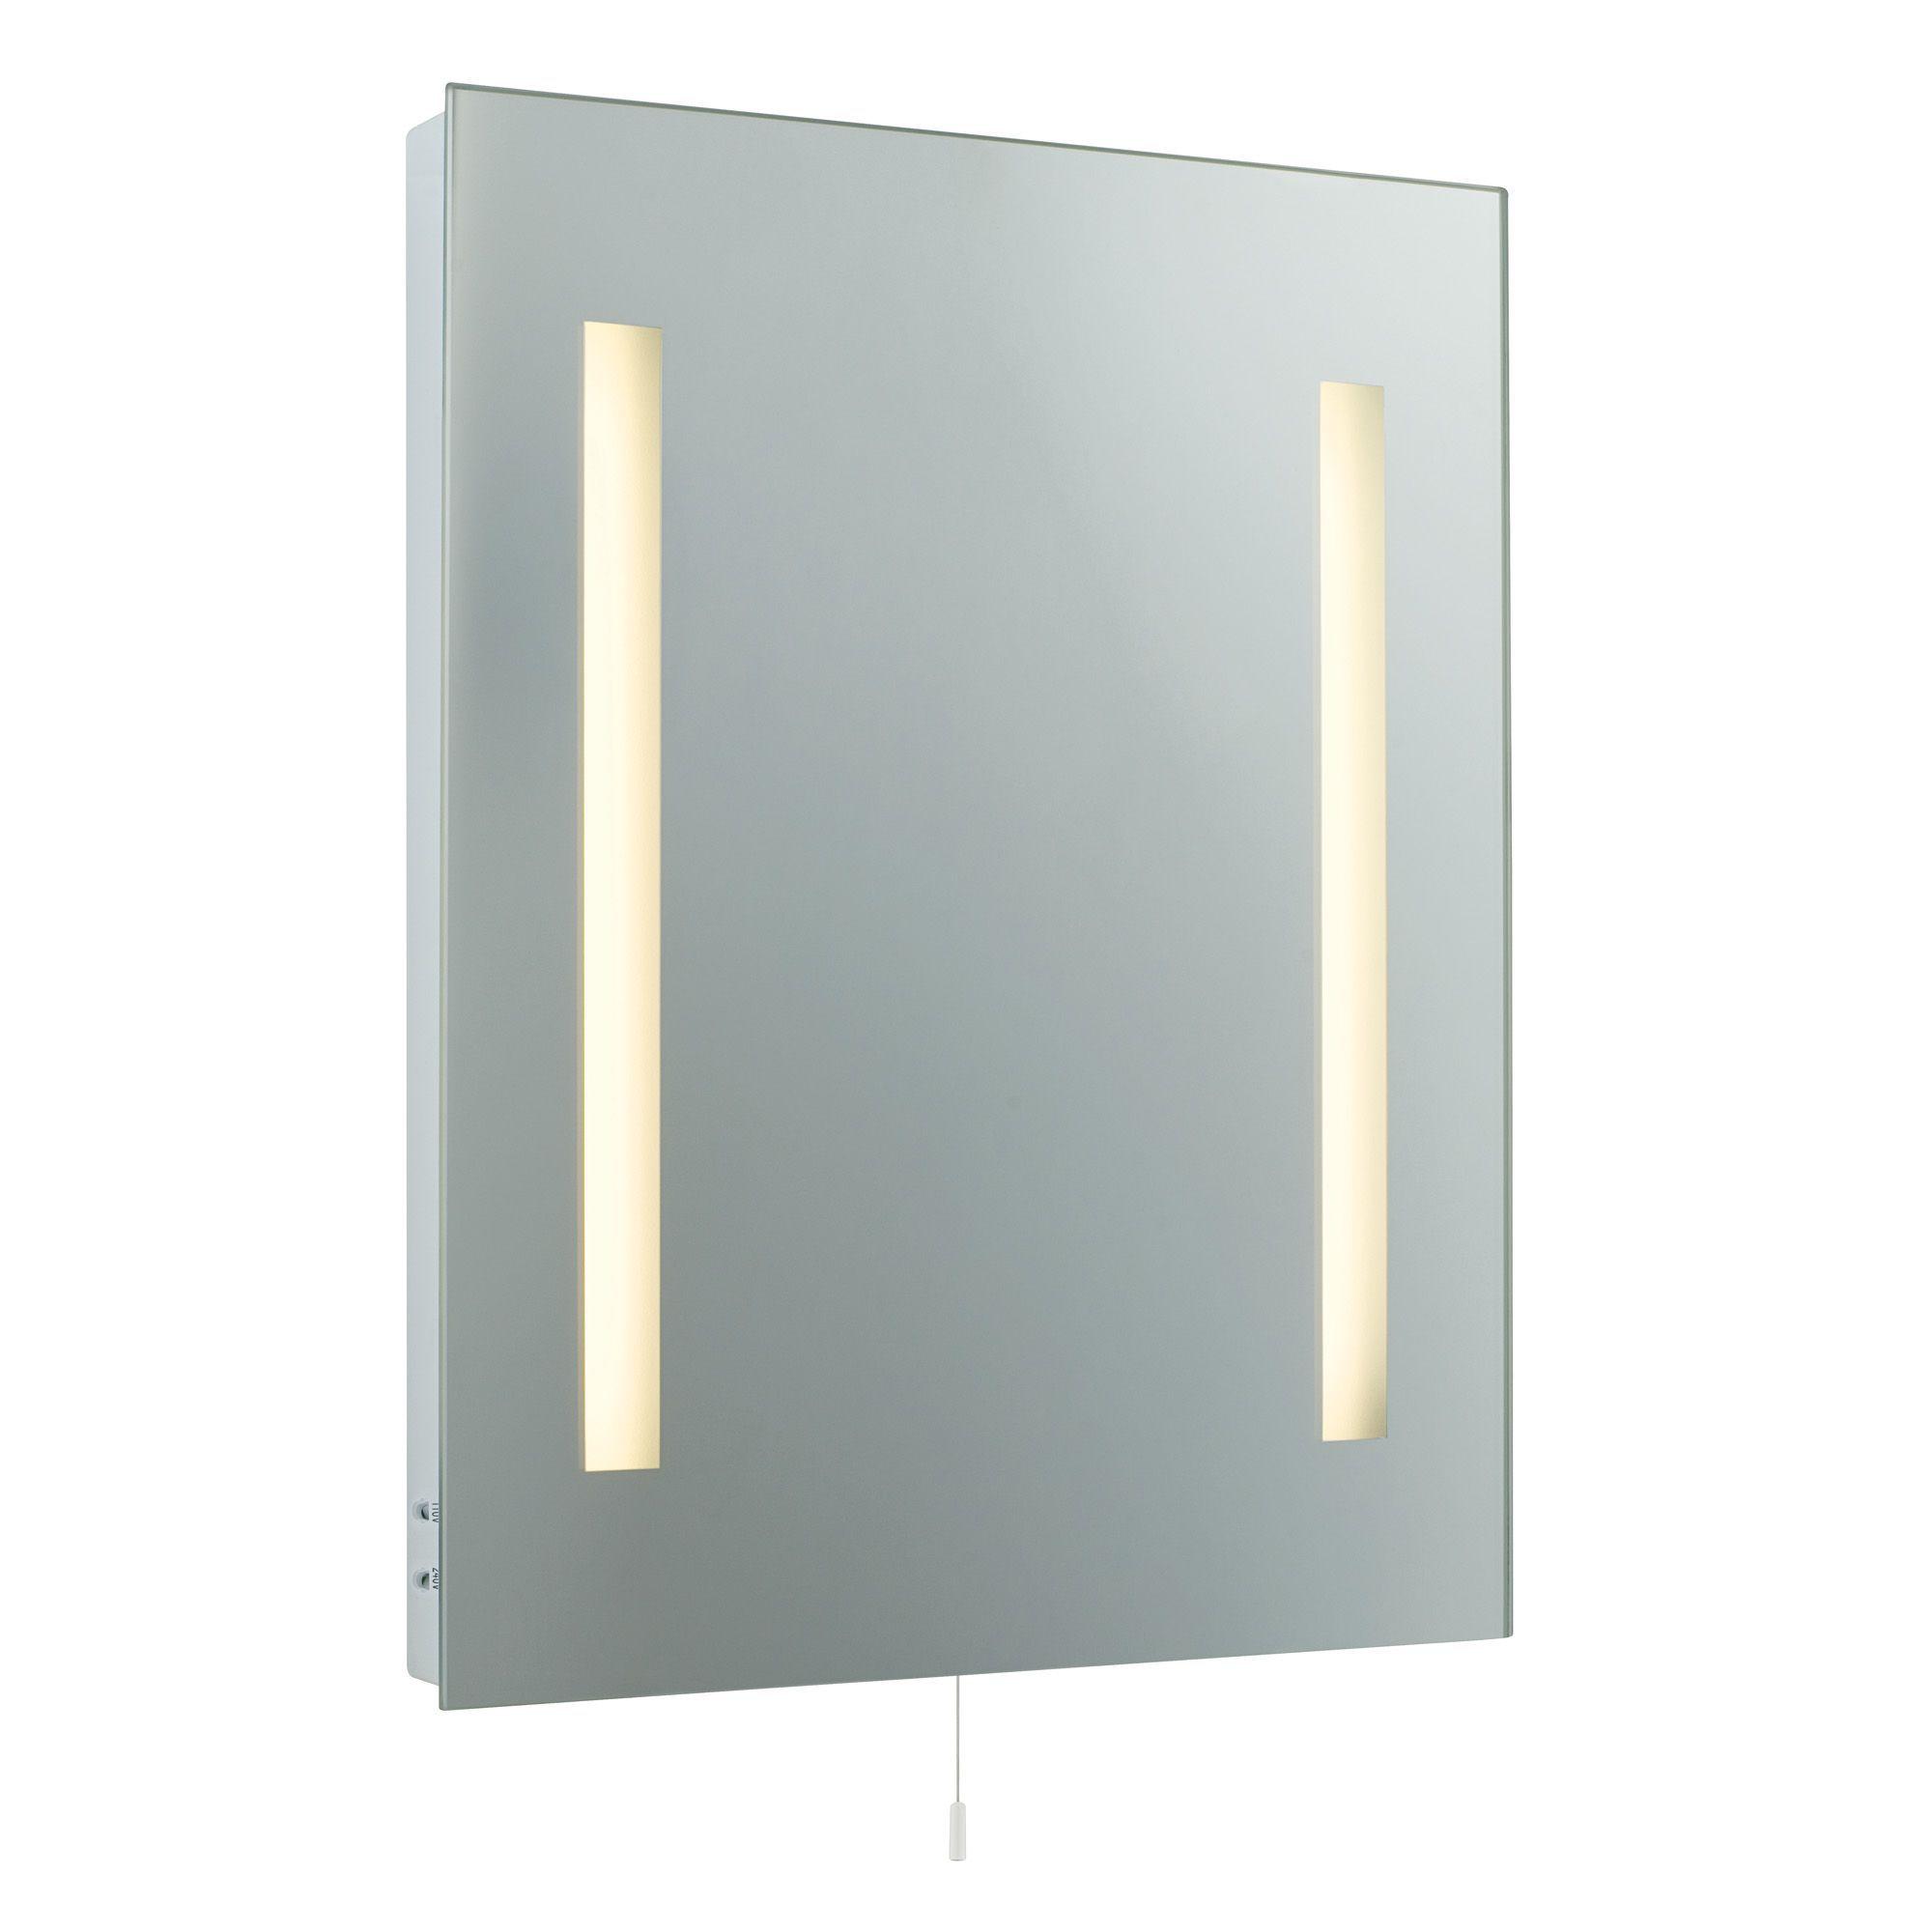 Cooke lewis danube illuminated bathroom rectangular for B q bathroom mirrors